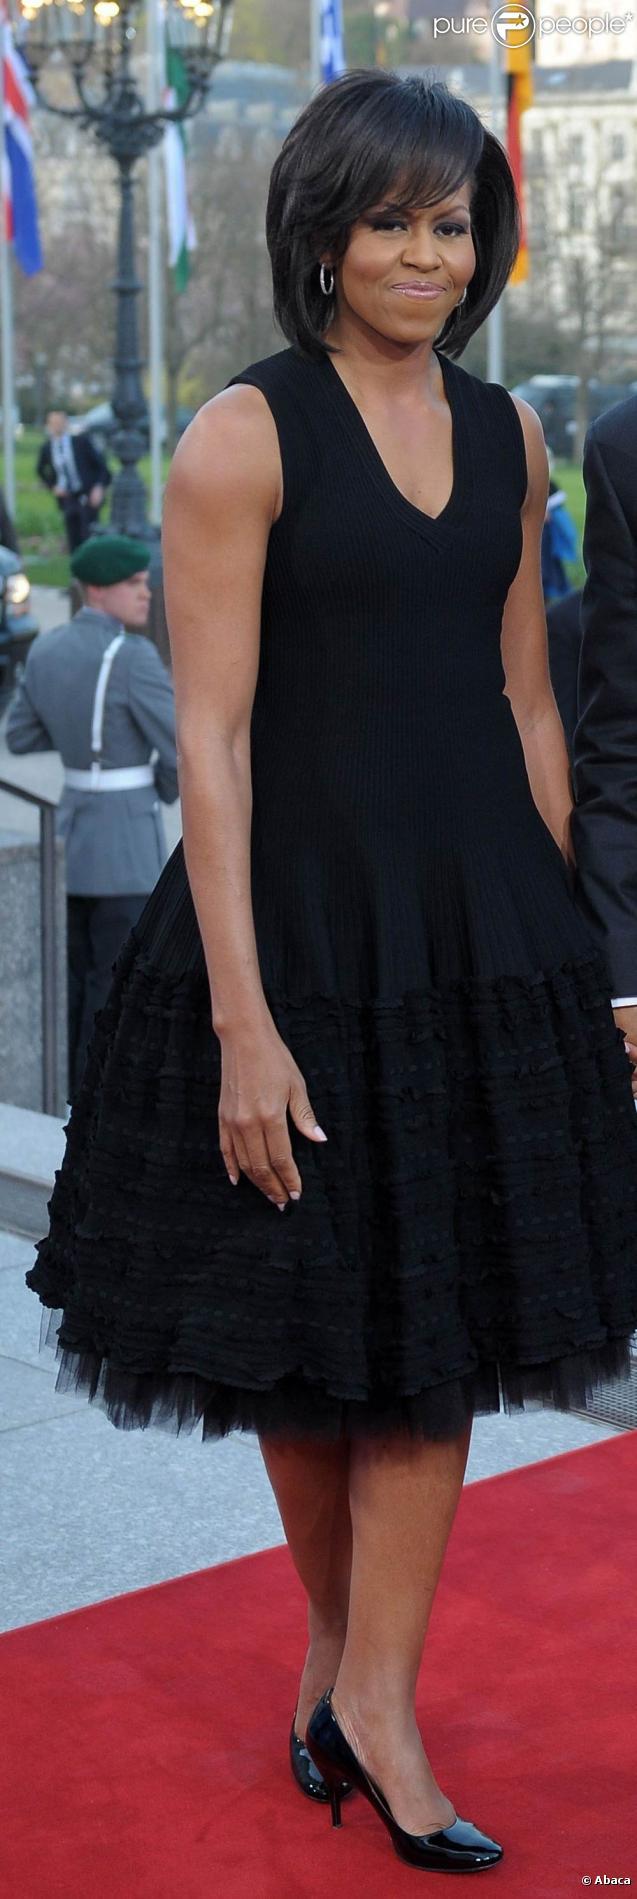 Michelle Obama, très élégante dans sa belle robe noire, joliment surpiquée vers le bas et rehaussée de tulle !